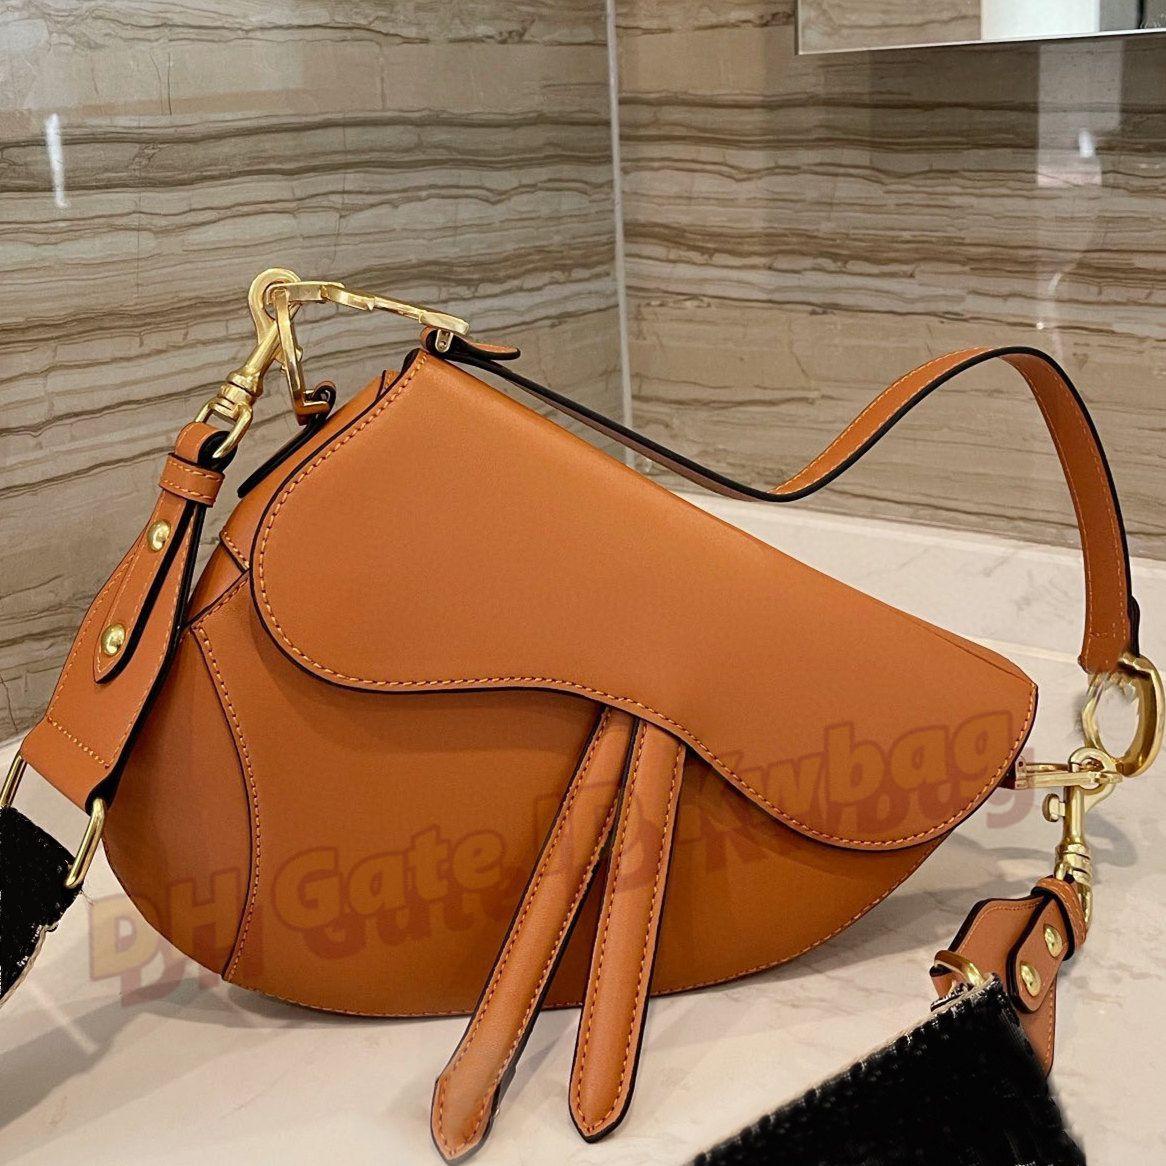 2021 INS 여성 클래식 패션 안장 가방 최고 품질 핸드백 숙녀 고급 크로스 키 바디 핸드백 Luxurys 디자이너 가방 지갑 토트 멀티 컬러 지갑